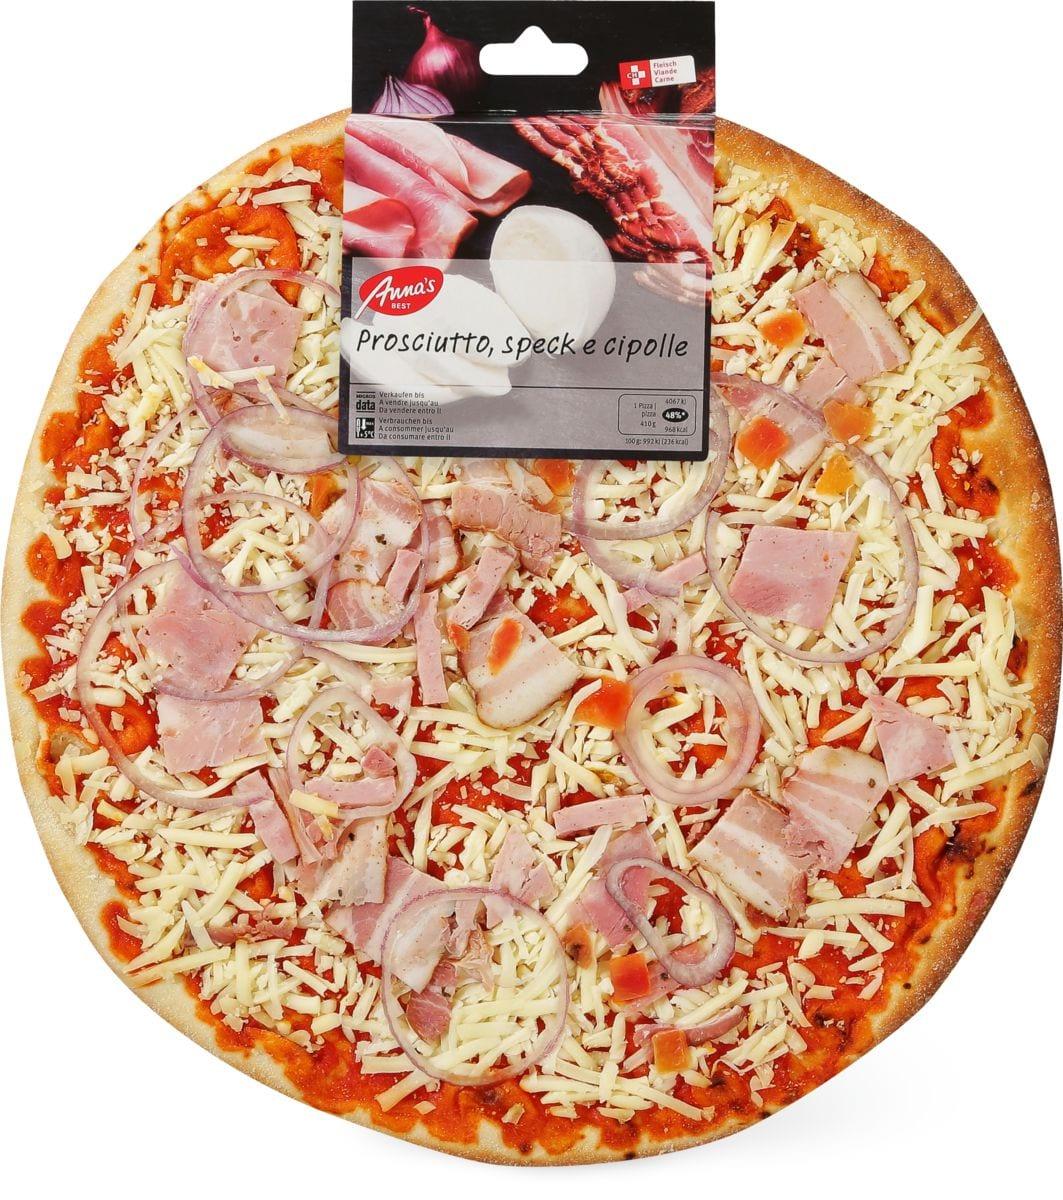 Anna's Best Pizza Prosciutto e speck